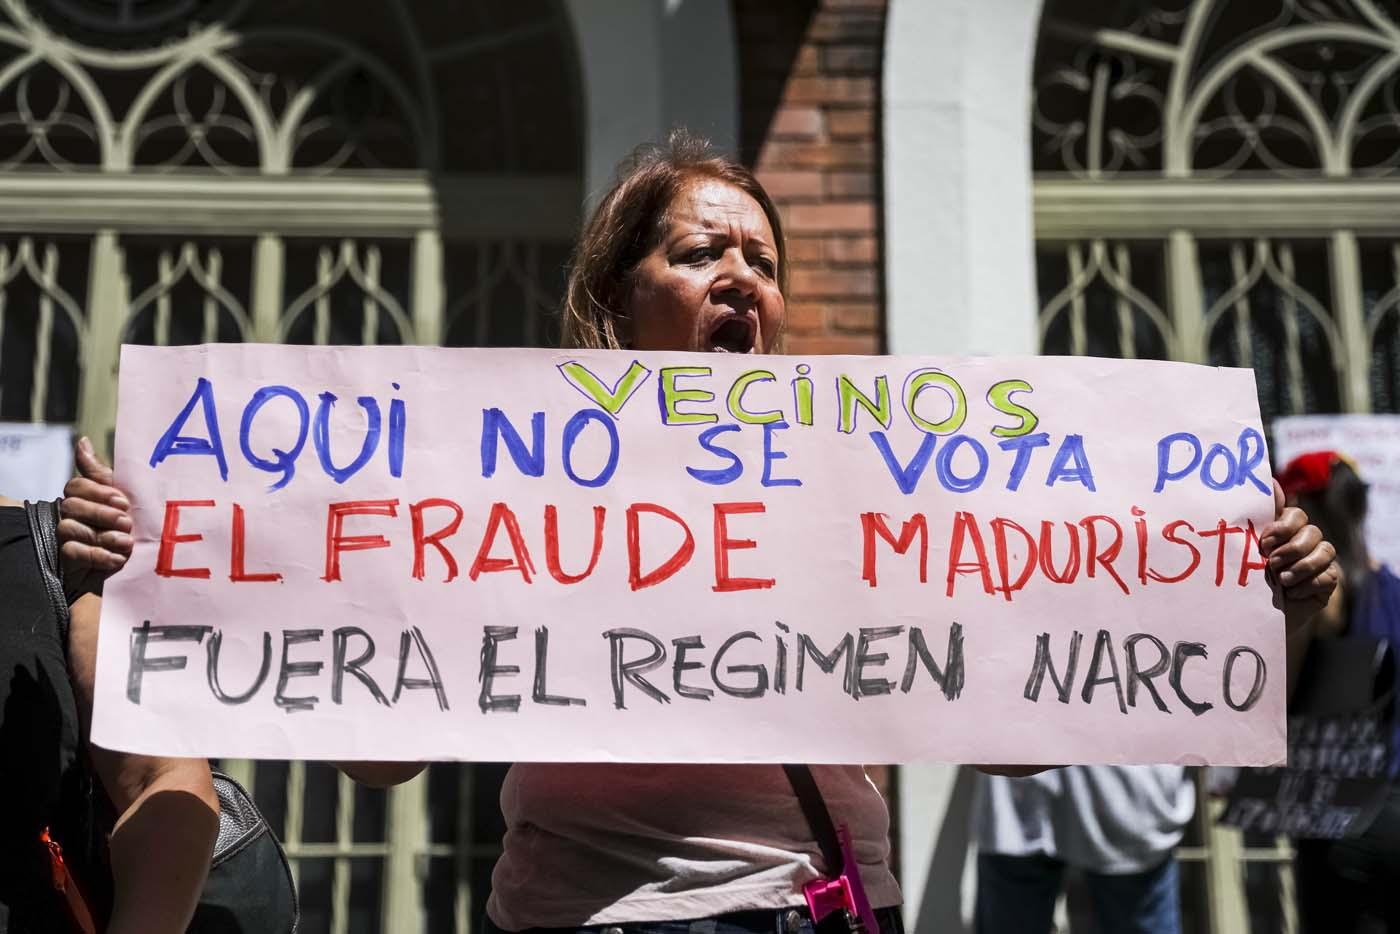 CAR07. CARACAS (VENEZUELA), 24/07/2017.- Una mujer se manifiesta en rechazo a la Asamblea Constituyente hoy, lunes 24 de julio de 2017, en un colegio electoral de Caracas (Venezuela). Venezuela inicia hoy la semana decisiva para la elección de la Asamblea Nacional Constituyente convocada por el presidente, Nicolás Maduro, con los oficialistas entrando en la recta final de su campaña en medio de protestas y llamados a paro de los opositores en rechazo a esos comicios. EFE/Miguel Gutiérrez